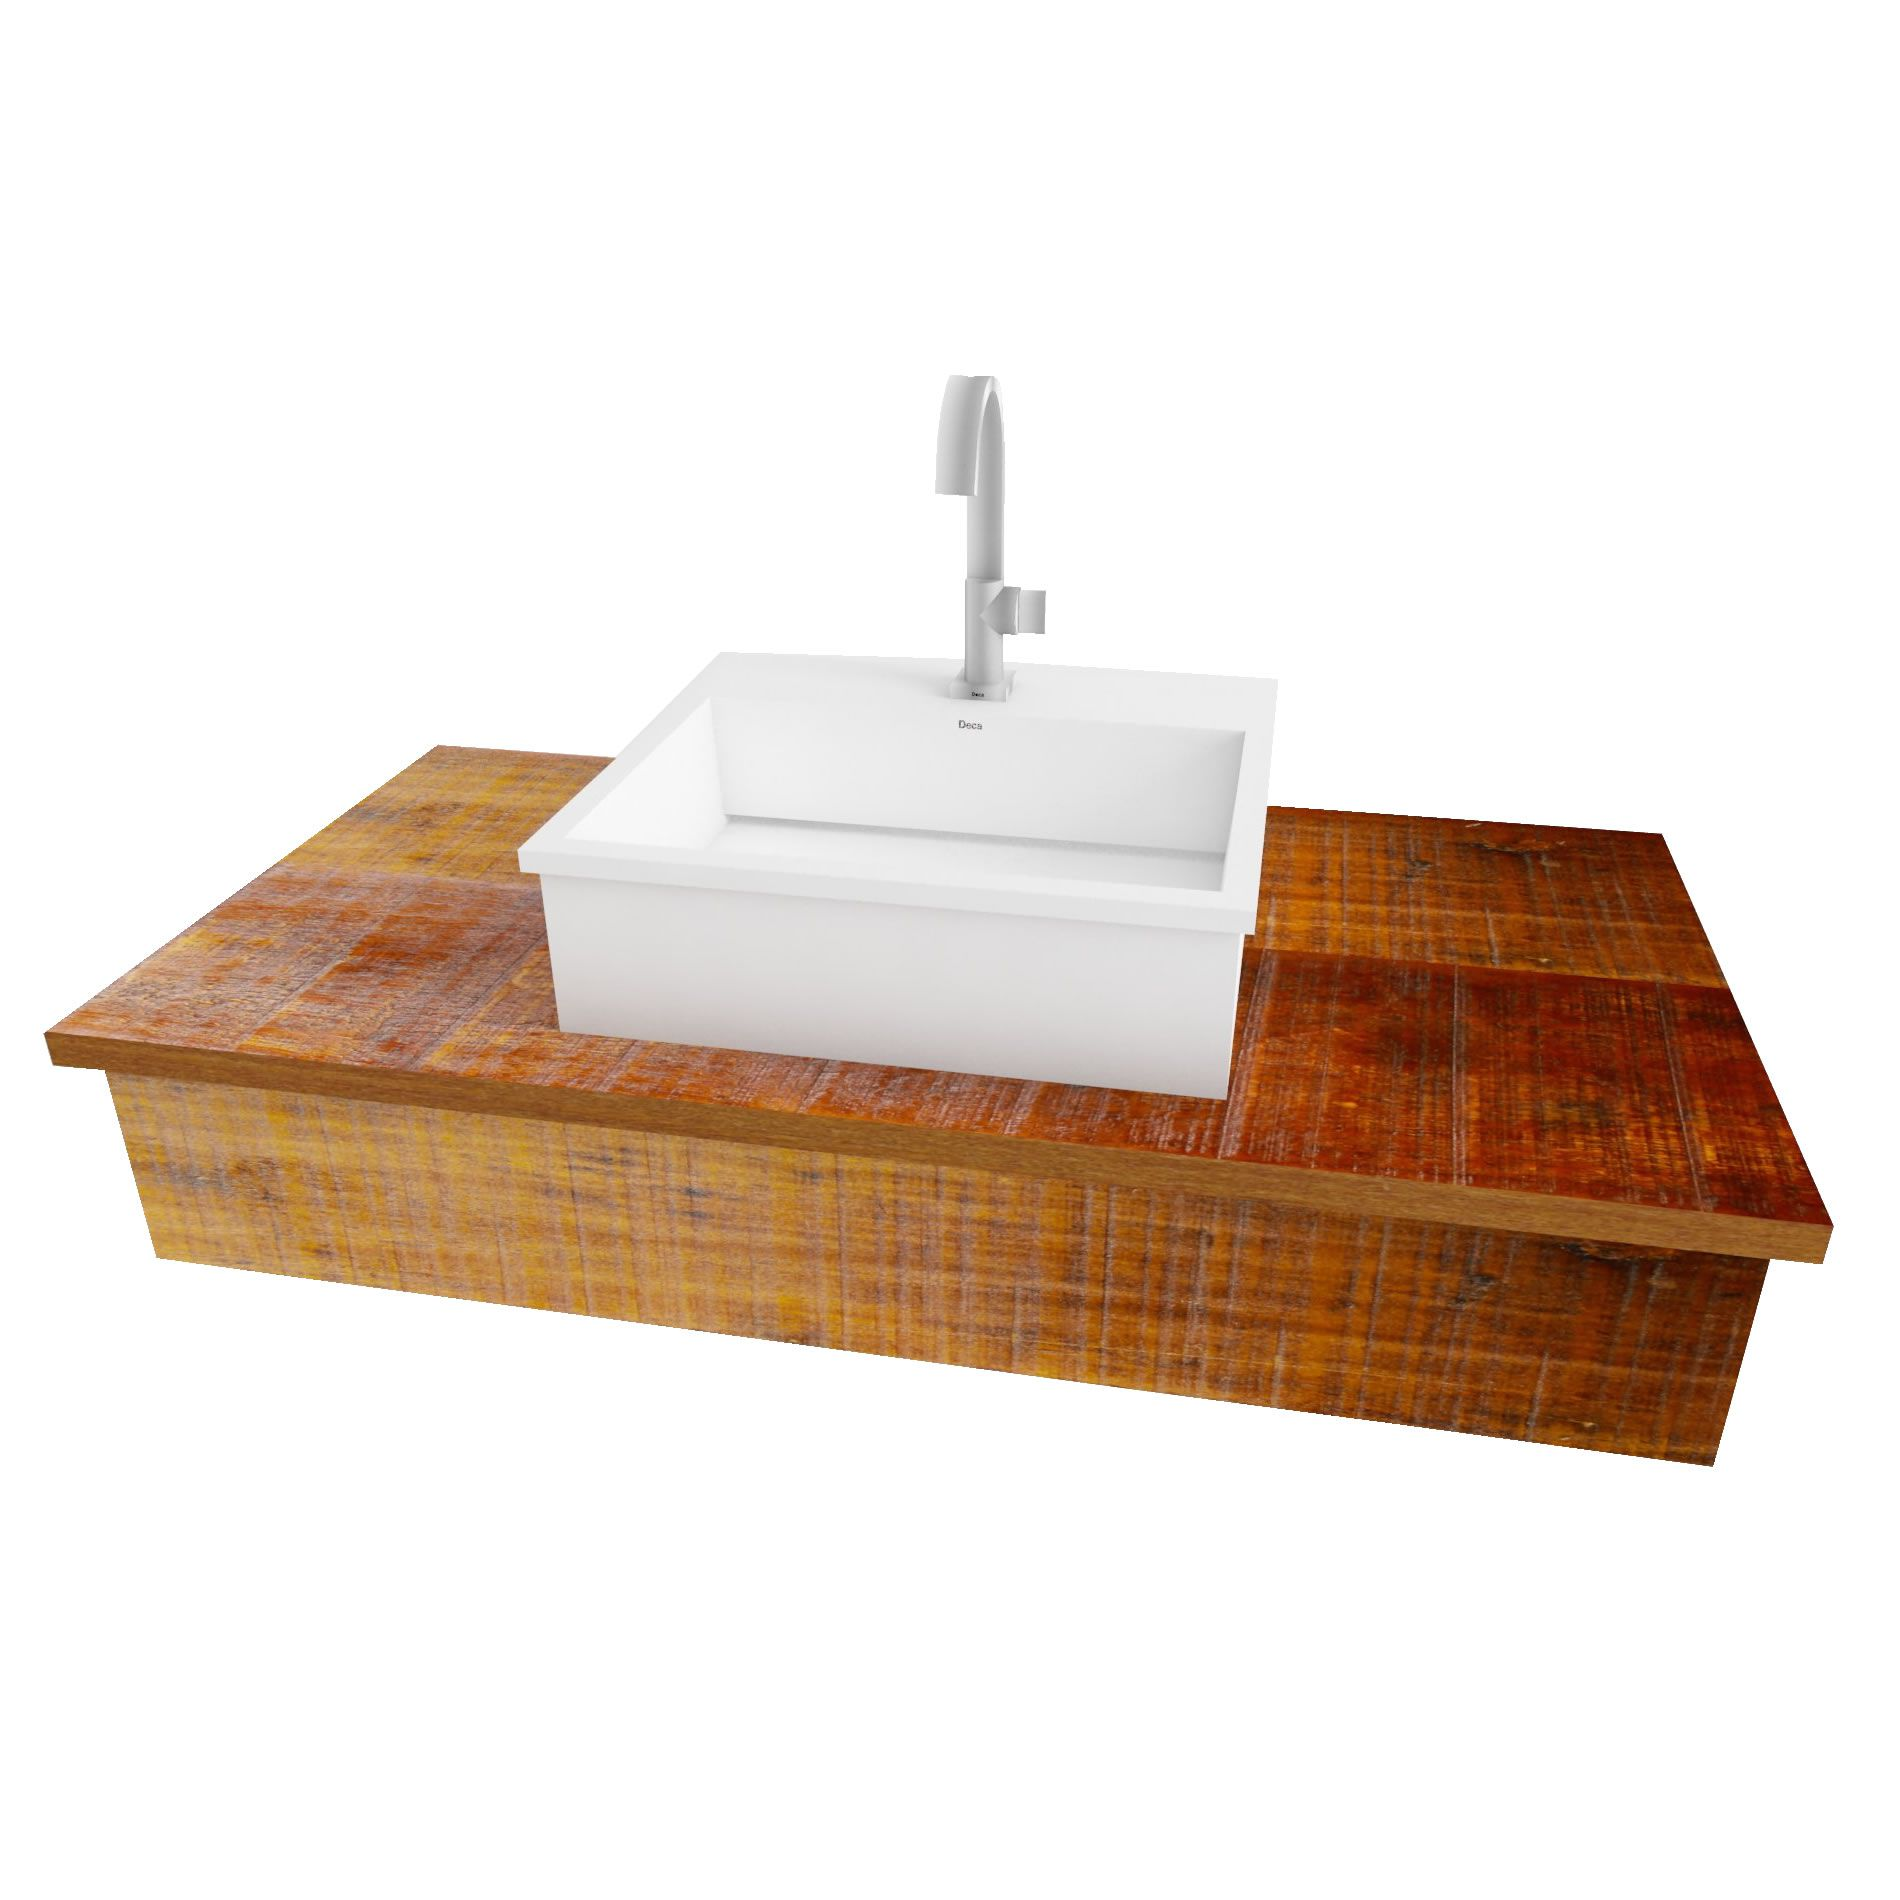 Bancada Em Madeira De Demolição Para Banheiro Medindo 50x40 - Fabricamos Sob Medida!!